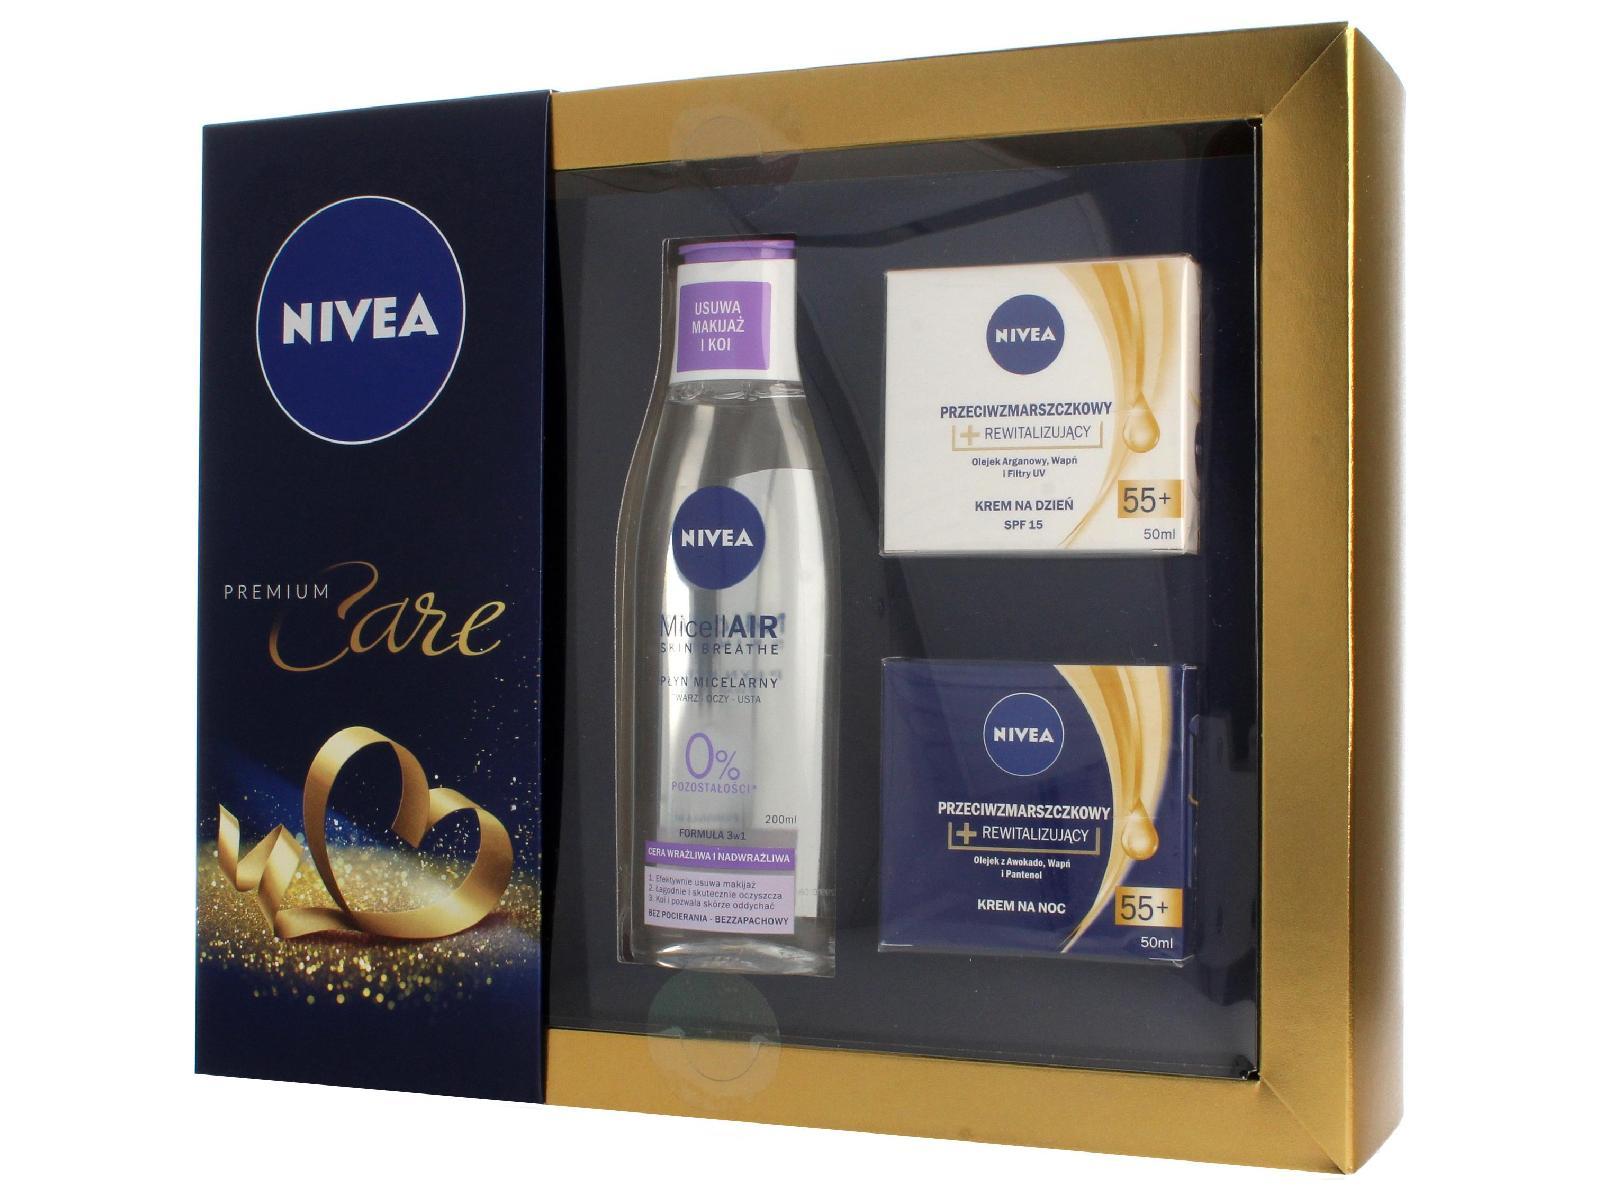 Nivea Zestaw prezentowy Premium rewital.n/noc50ml)